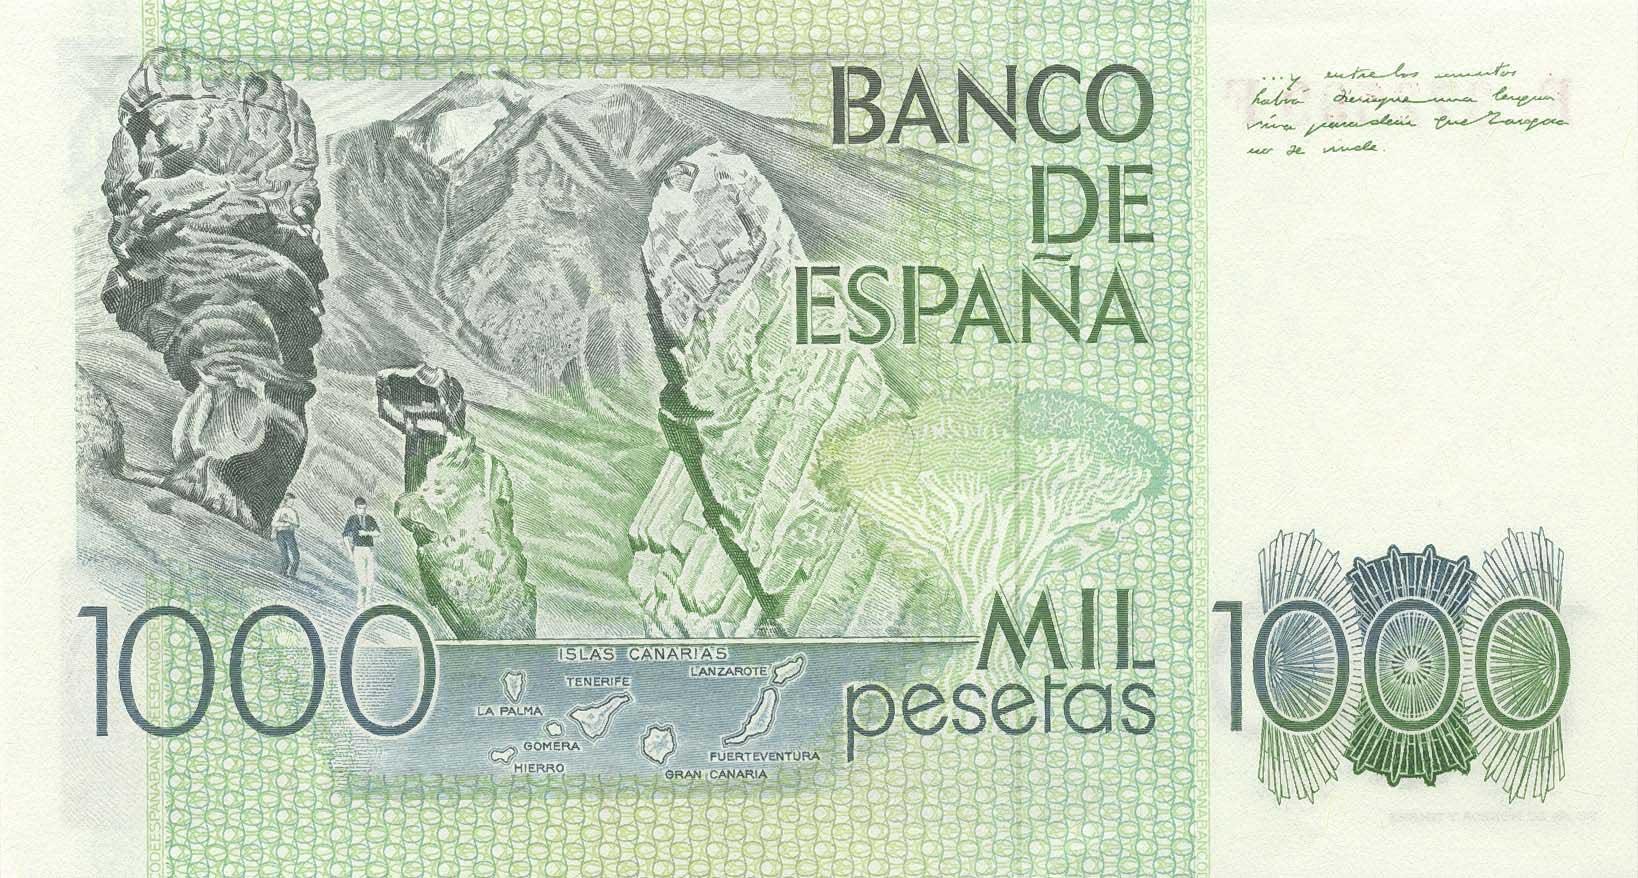 ESP-0158a-b